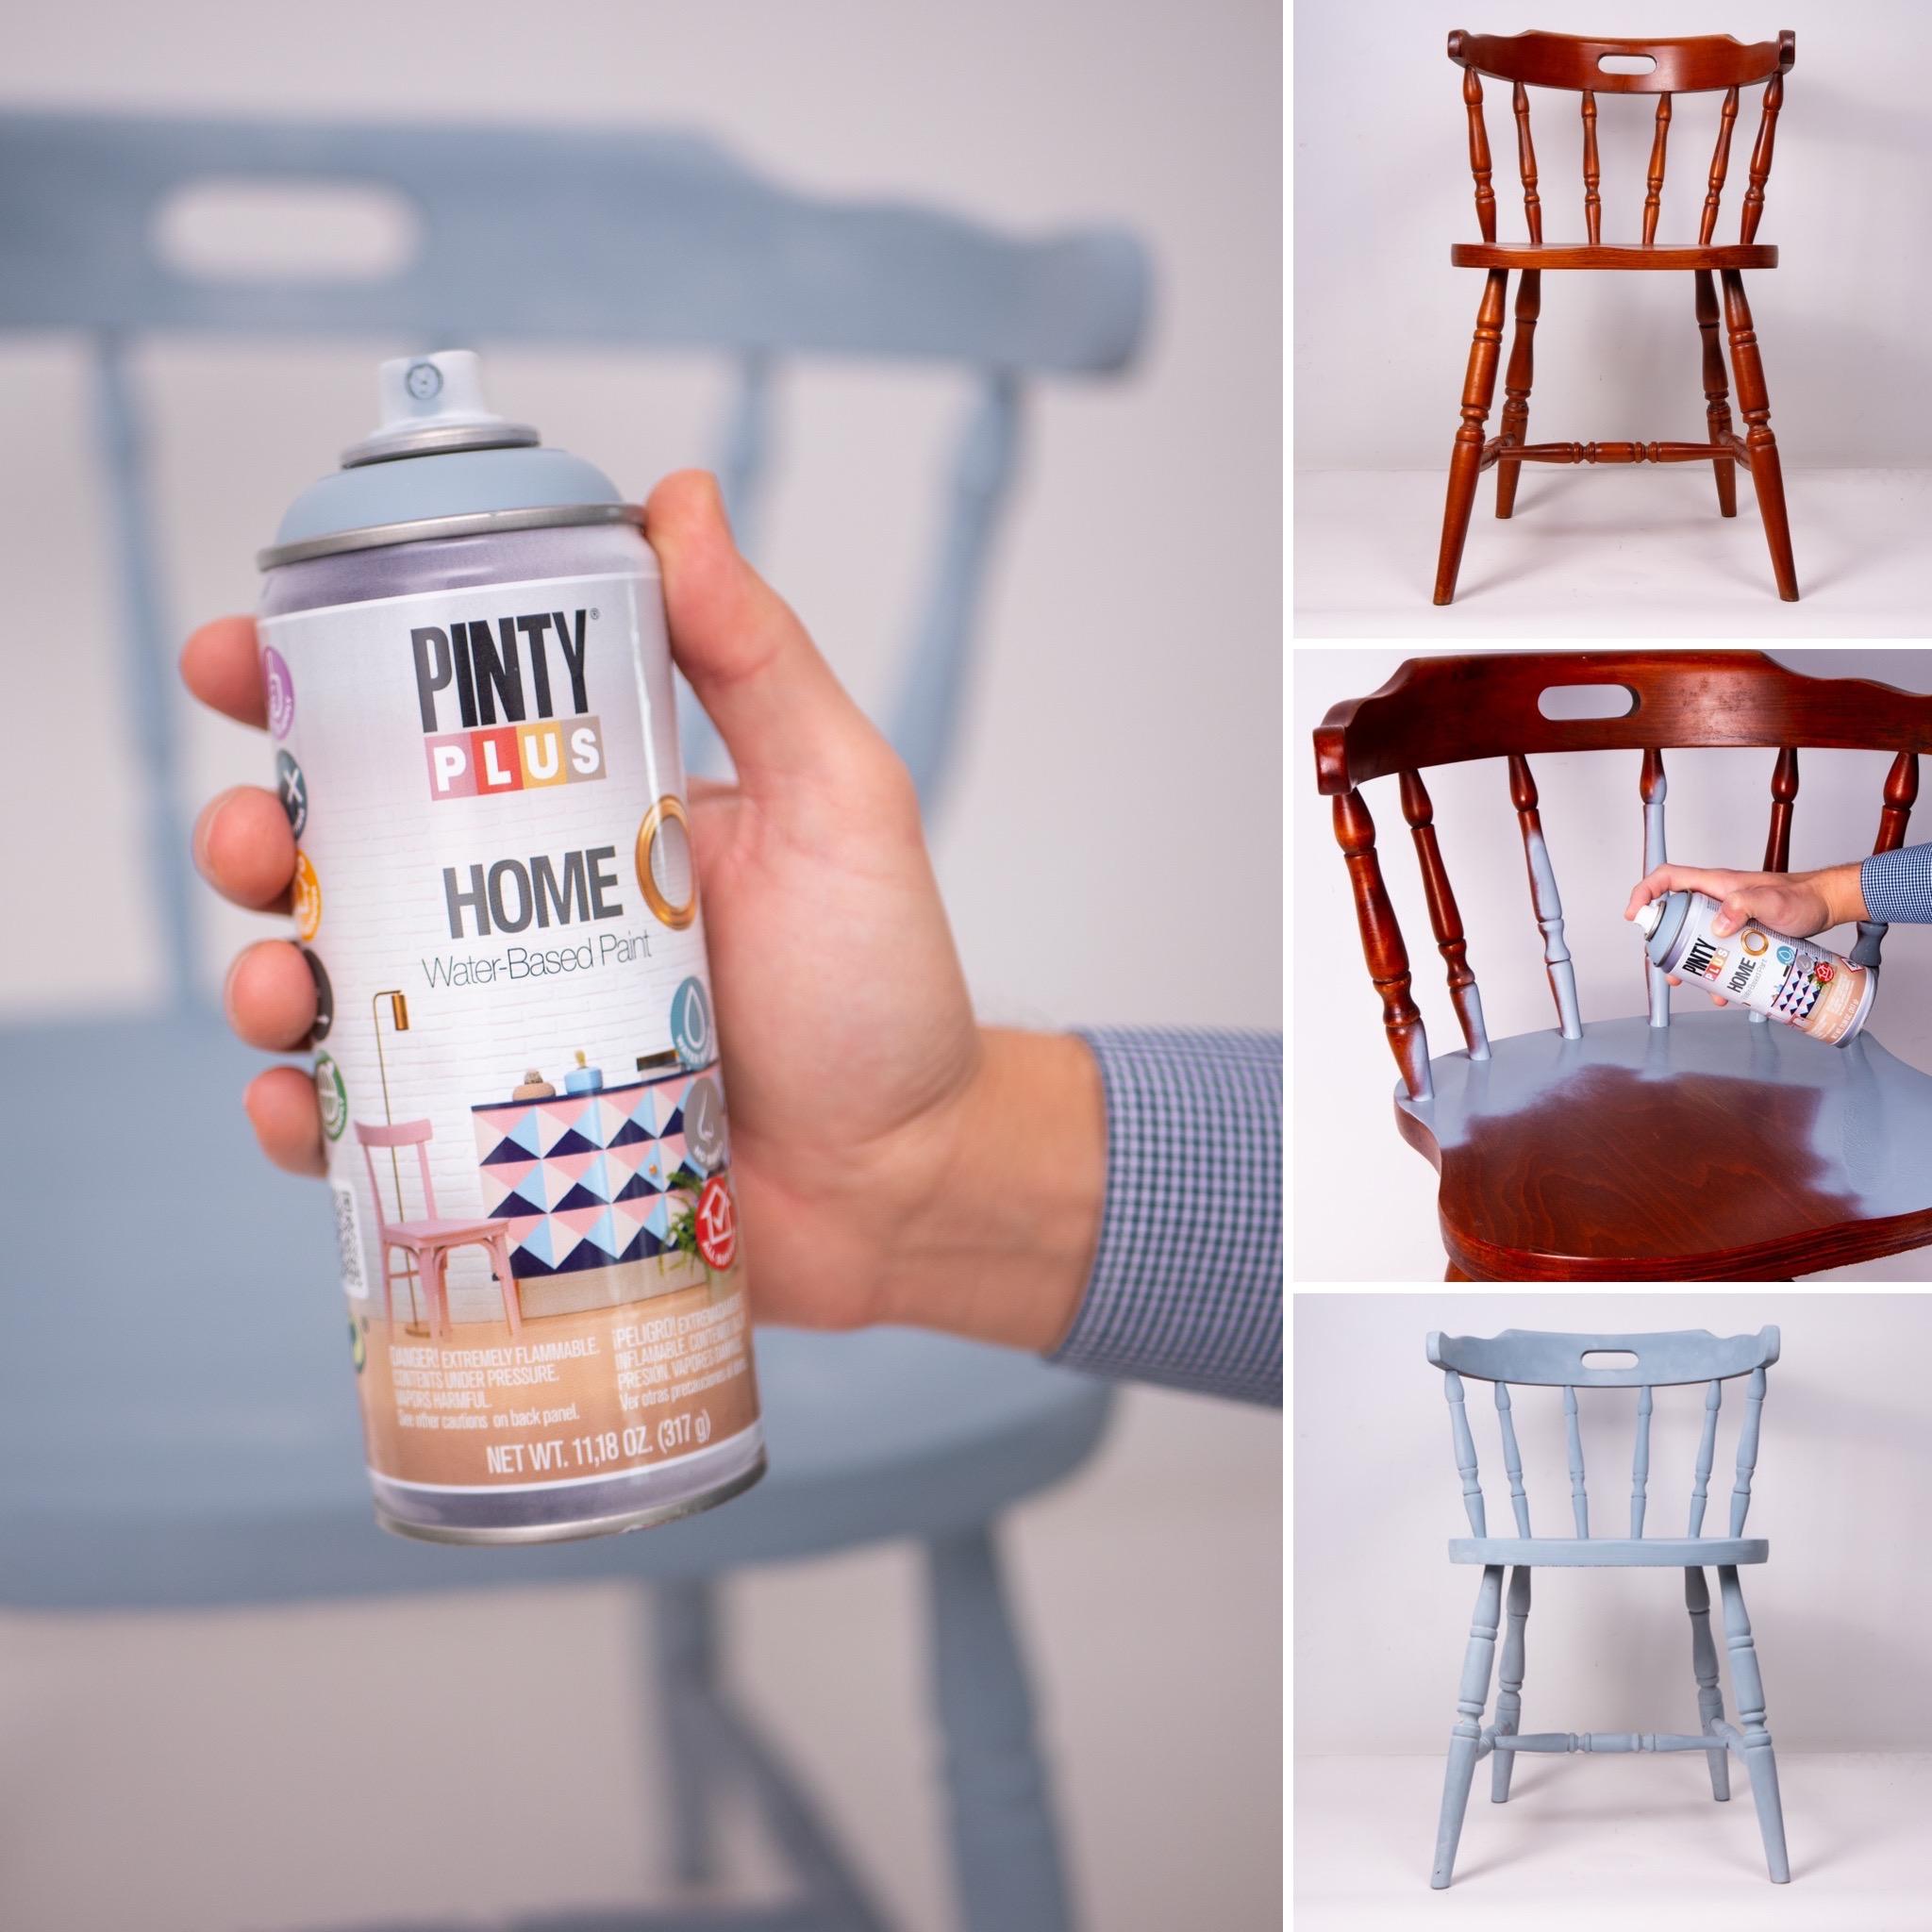 pintura spray pintar puebles y decoracion en casa pintyplus